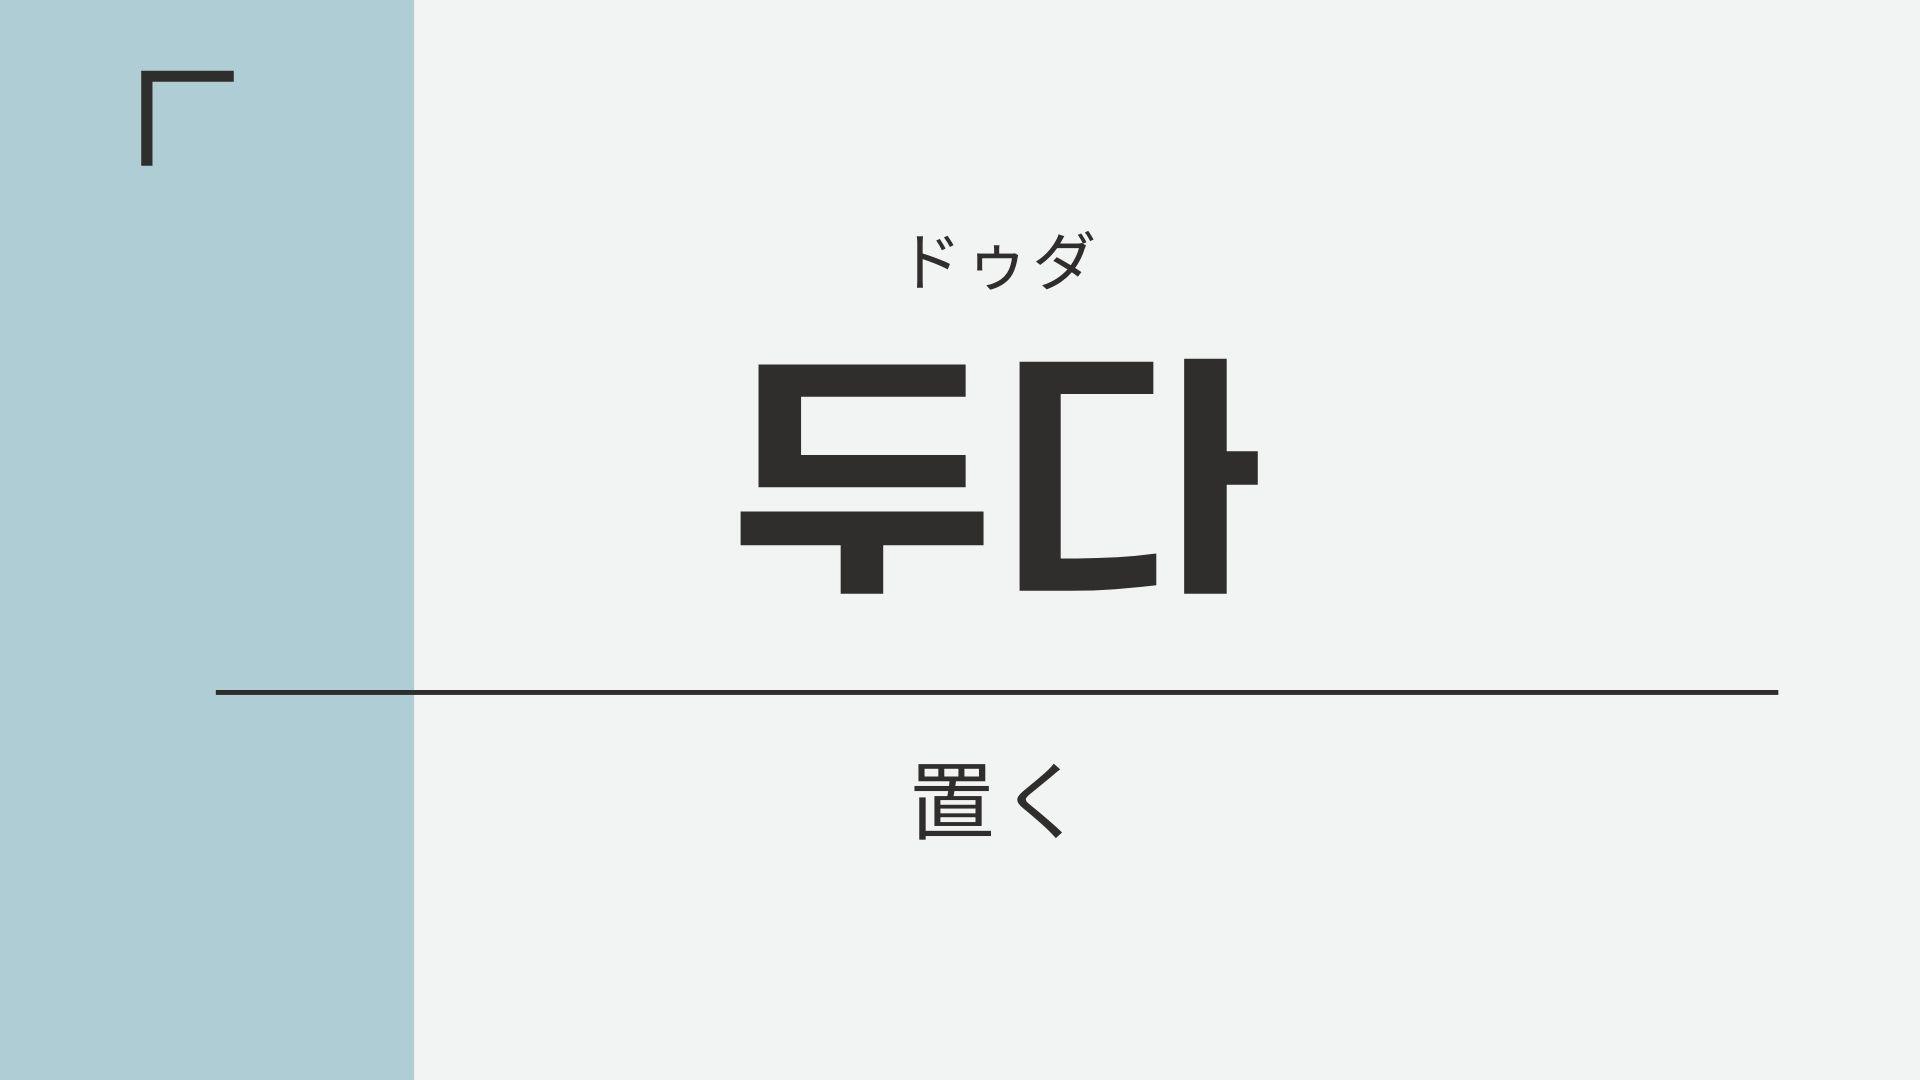 ドゥダ_置く